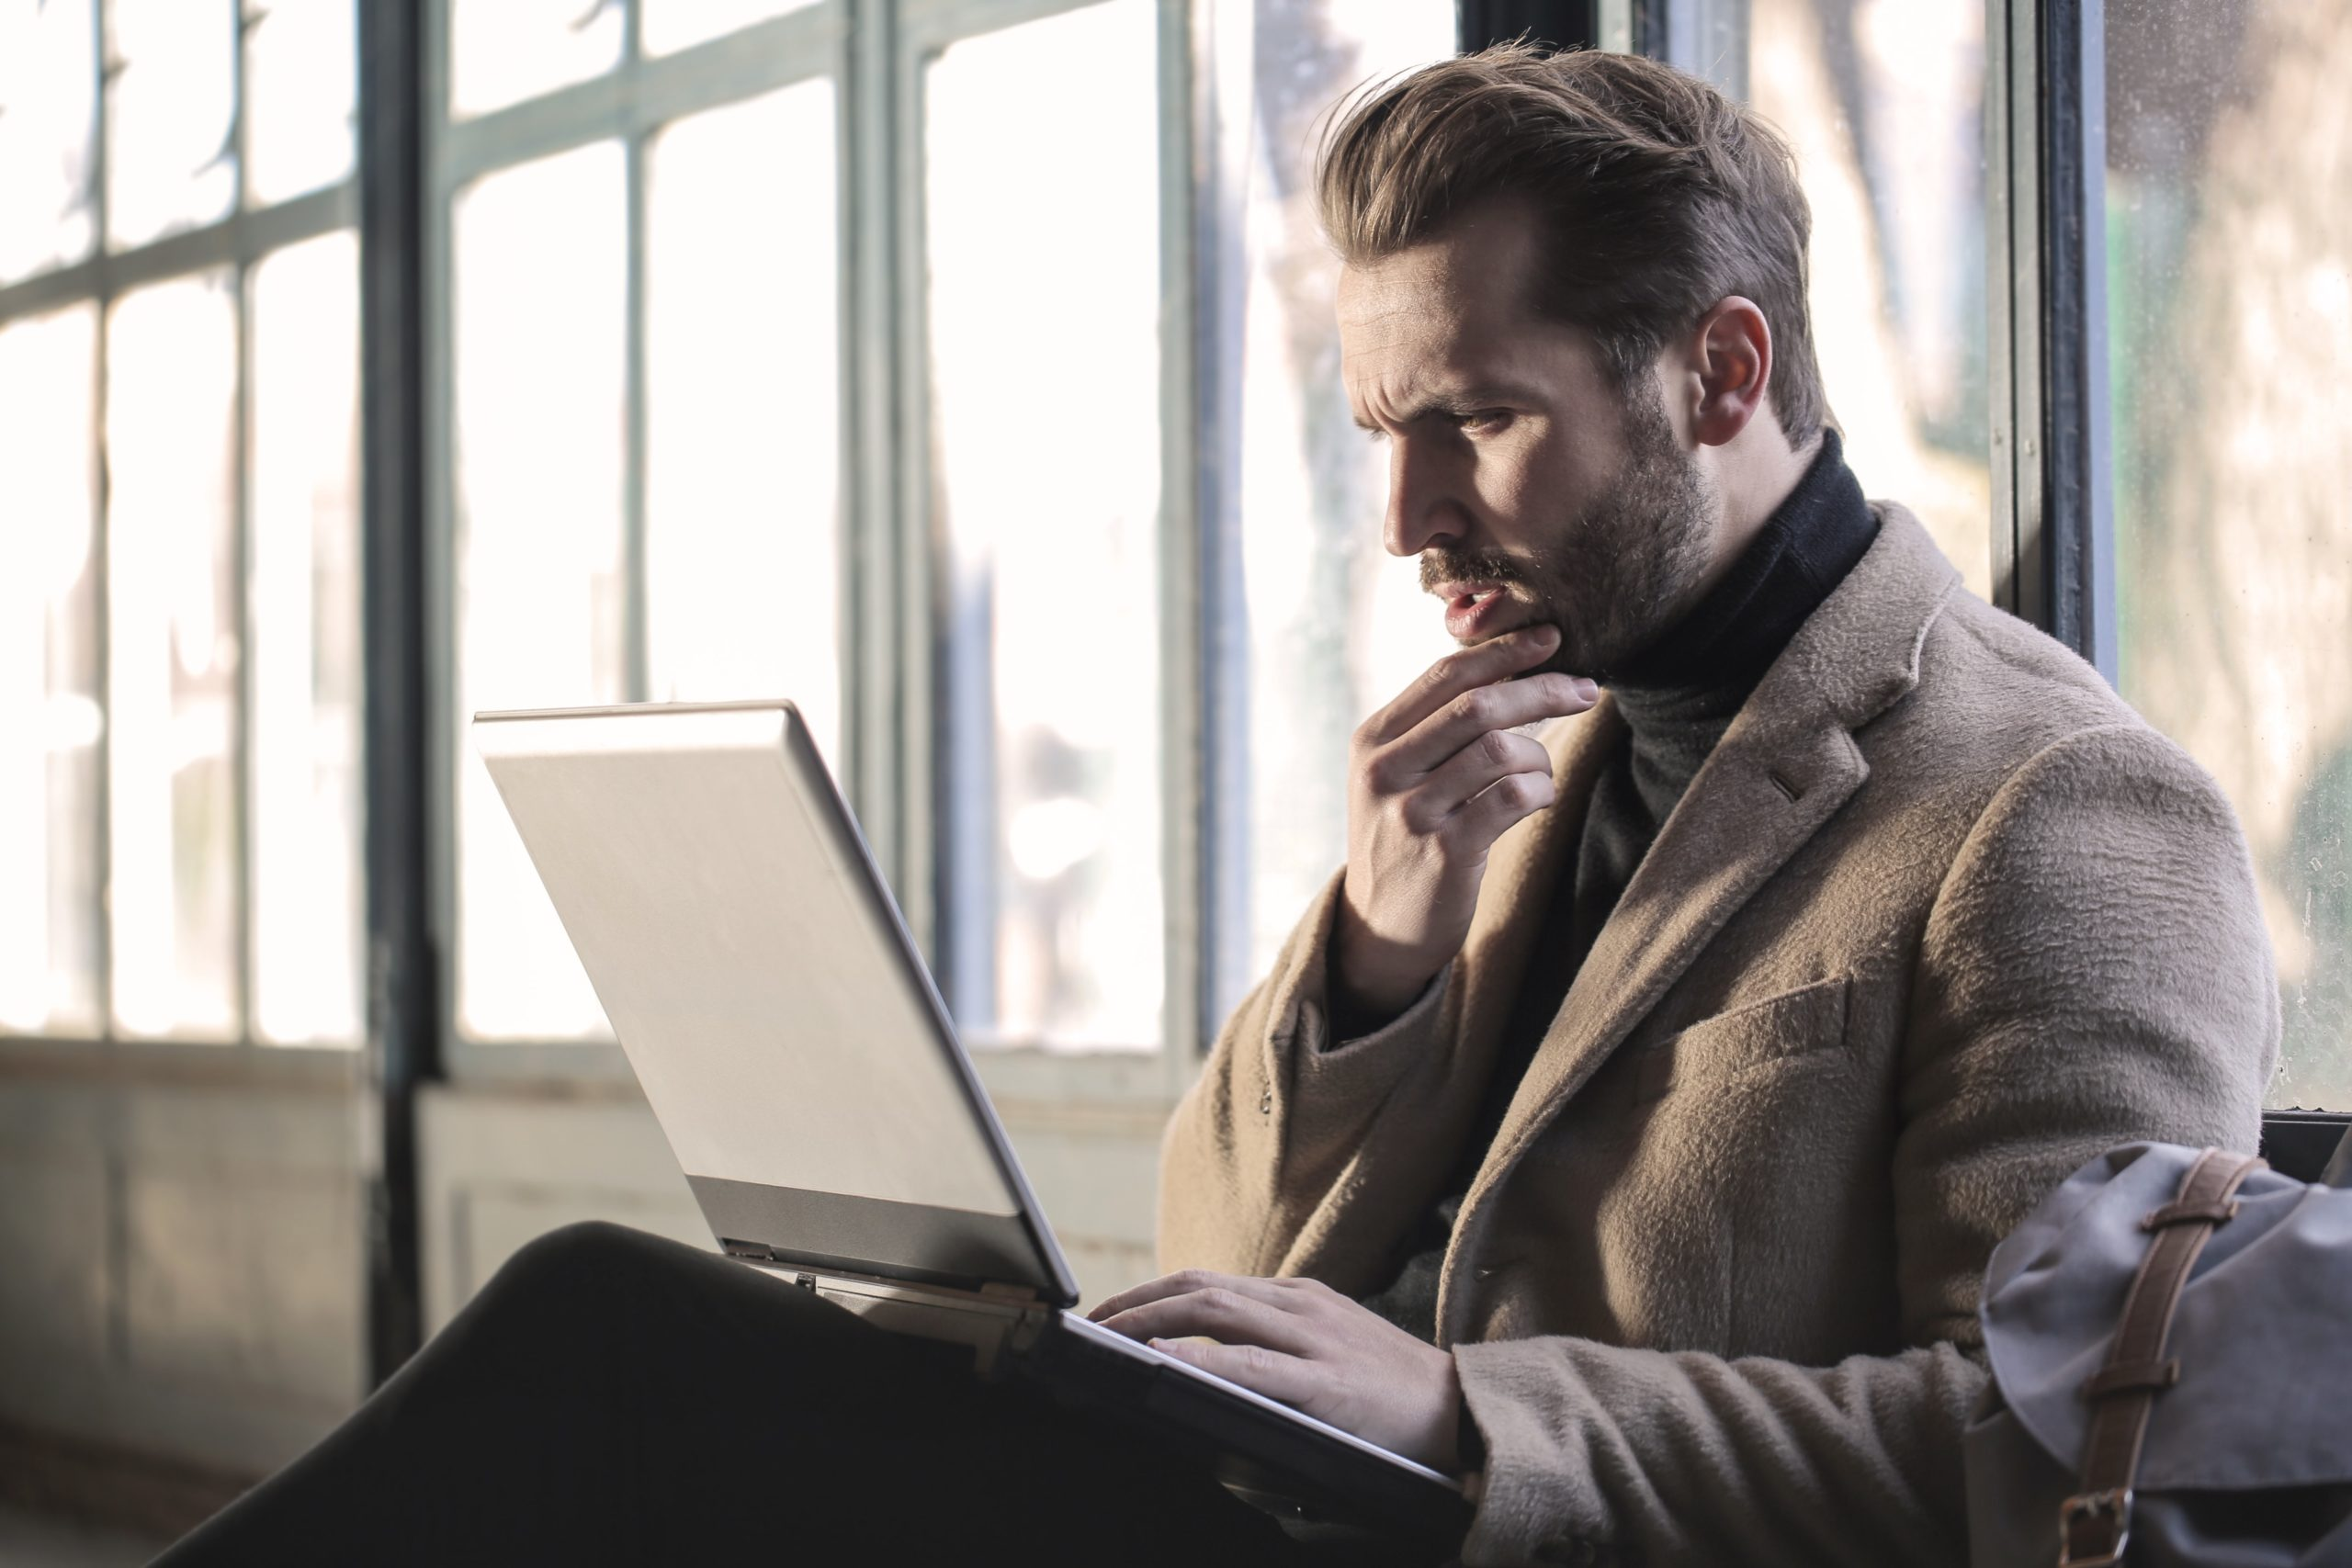 ヤりたい仕事が無いのに転職サイトを眺める男性